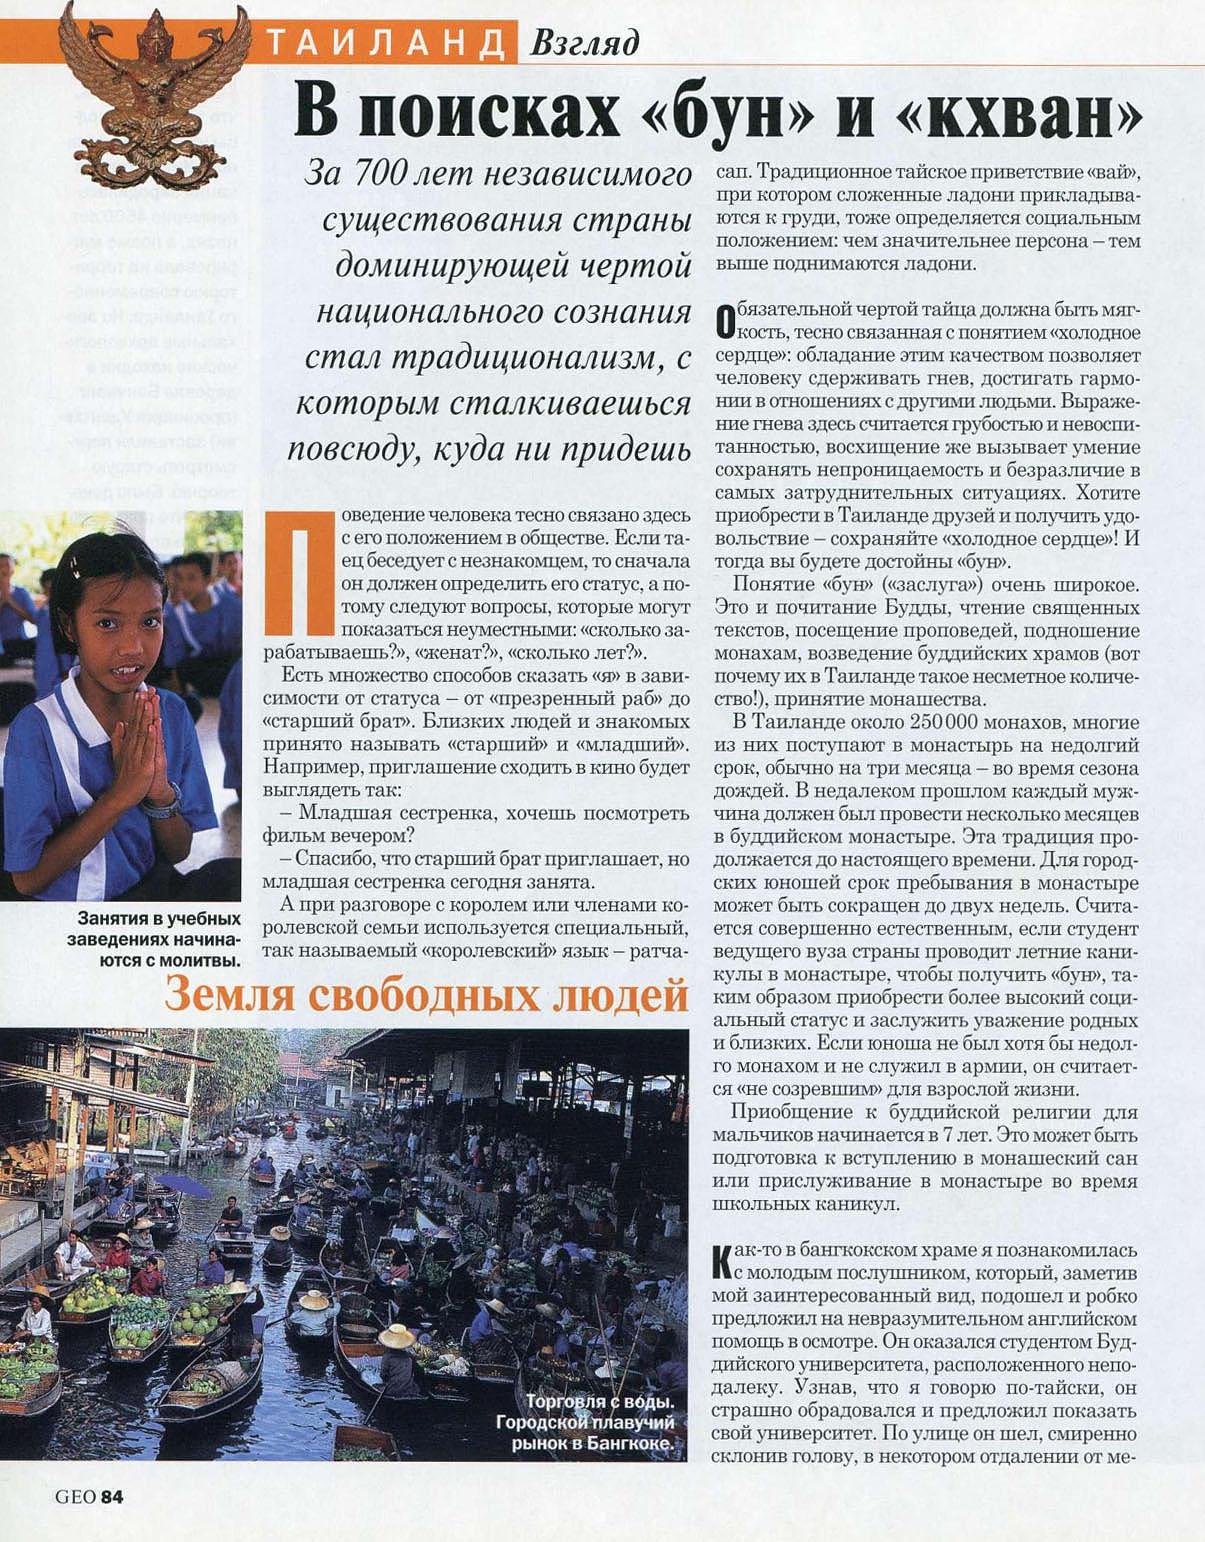 GEO-Rus_2003-03_09.jpg